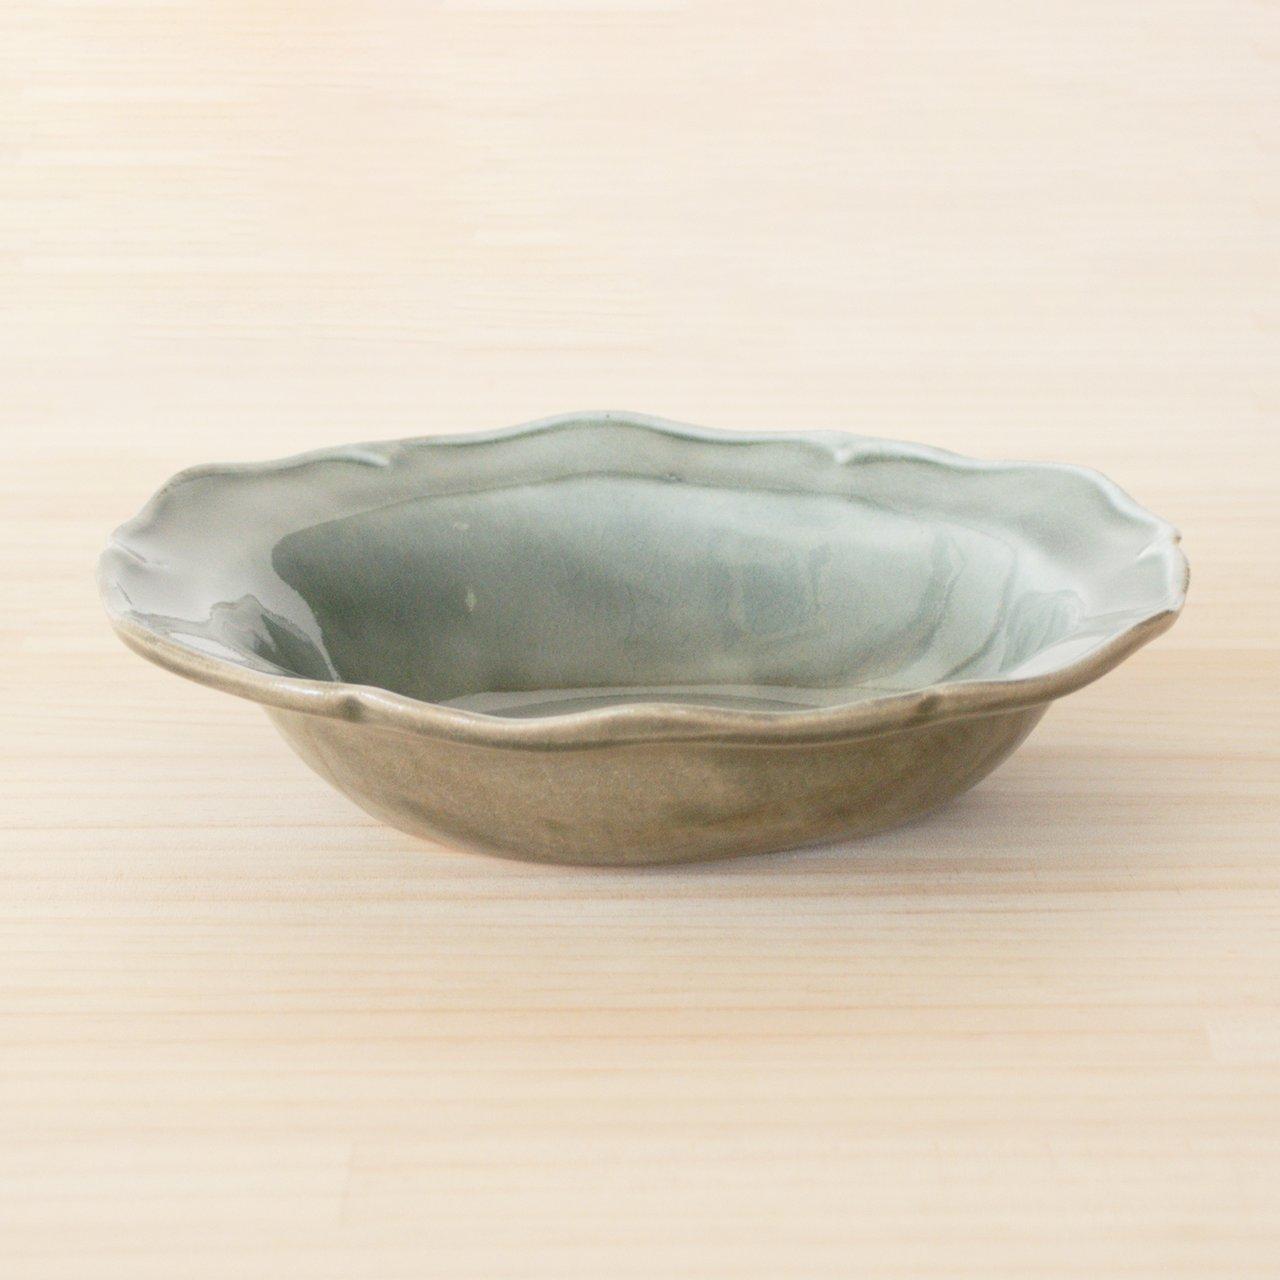 益子焼 わかさま陶芸 フリル鉢 ボウル 皿 丸 小 約20cm グレー釉 256258